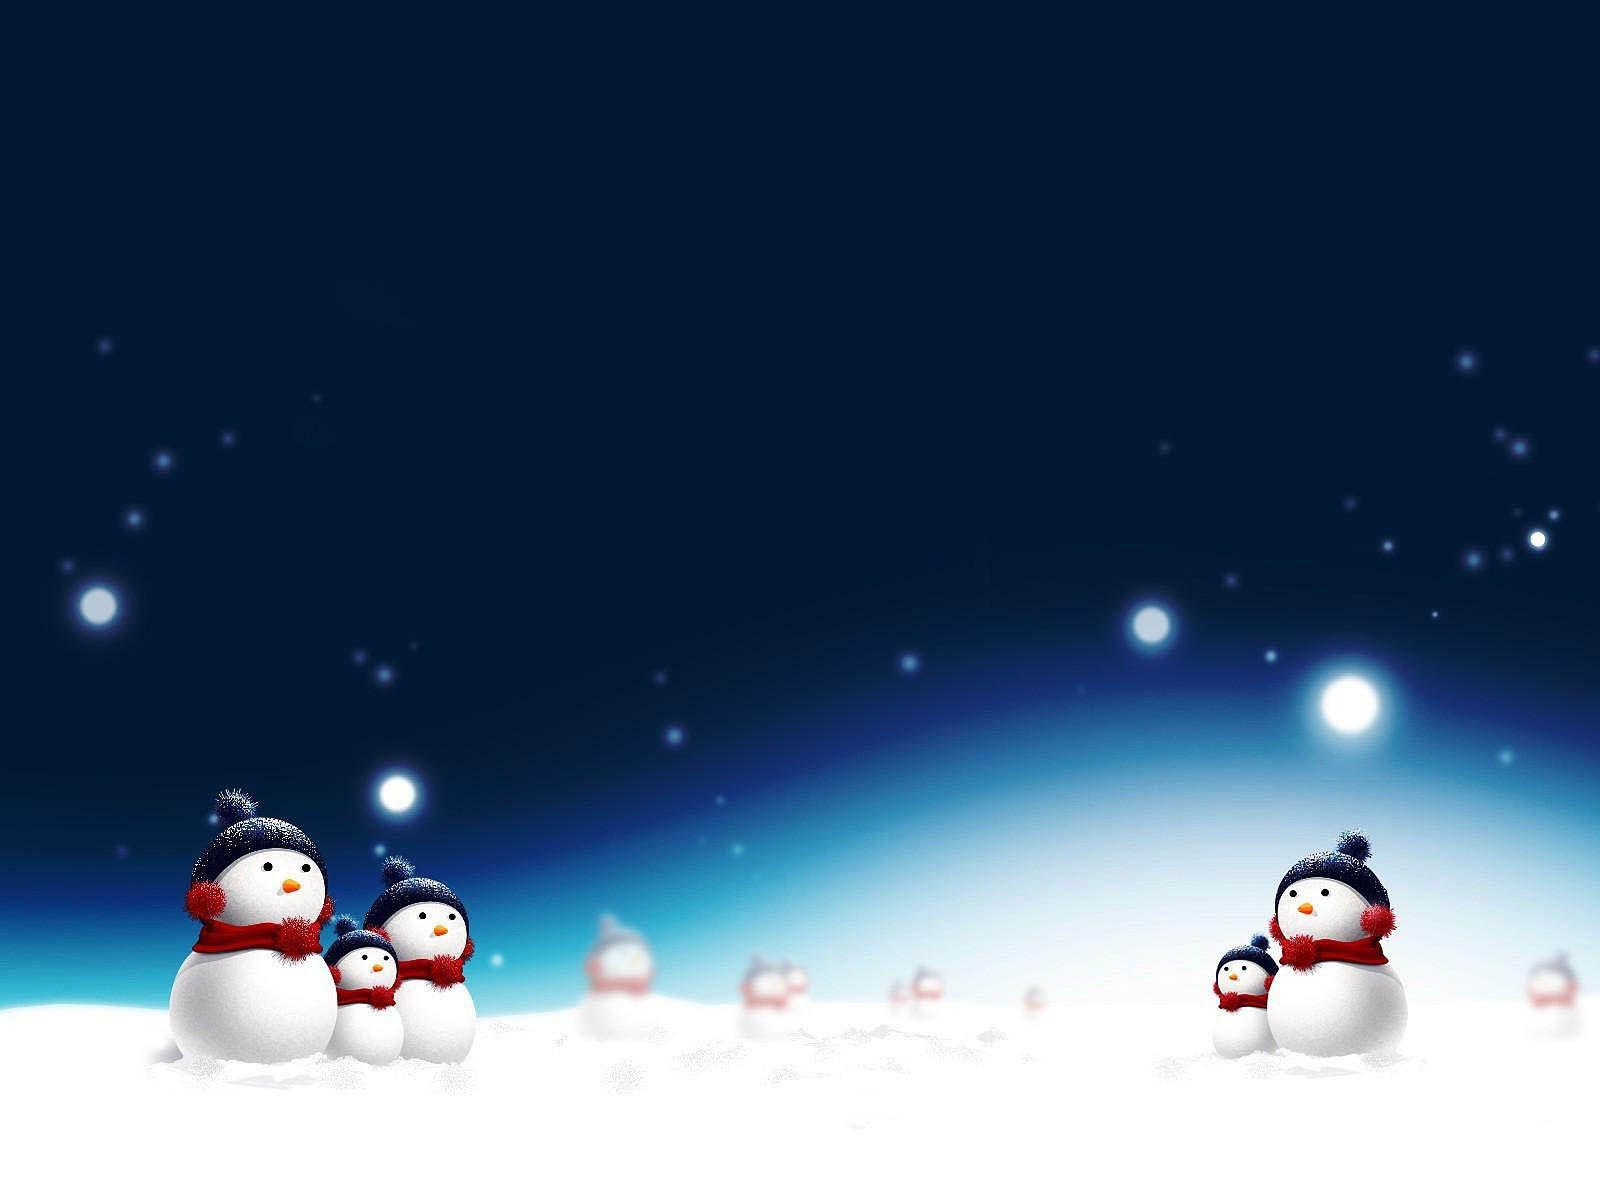 Snowman Desktop Wallpapers Christmas Wallpaper Backgrounds Animated Christmas Wallpaper 3d Wallpaper Christmas